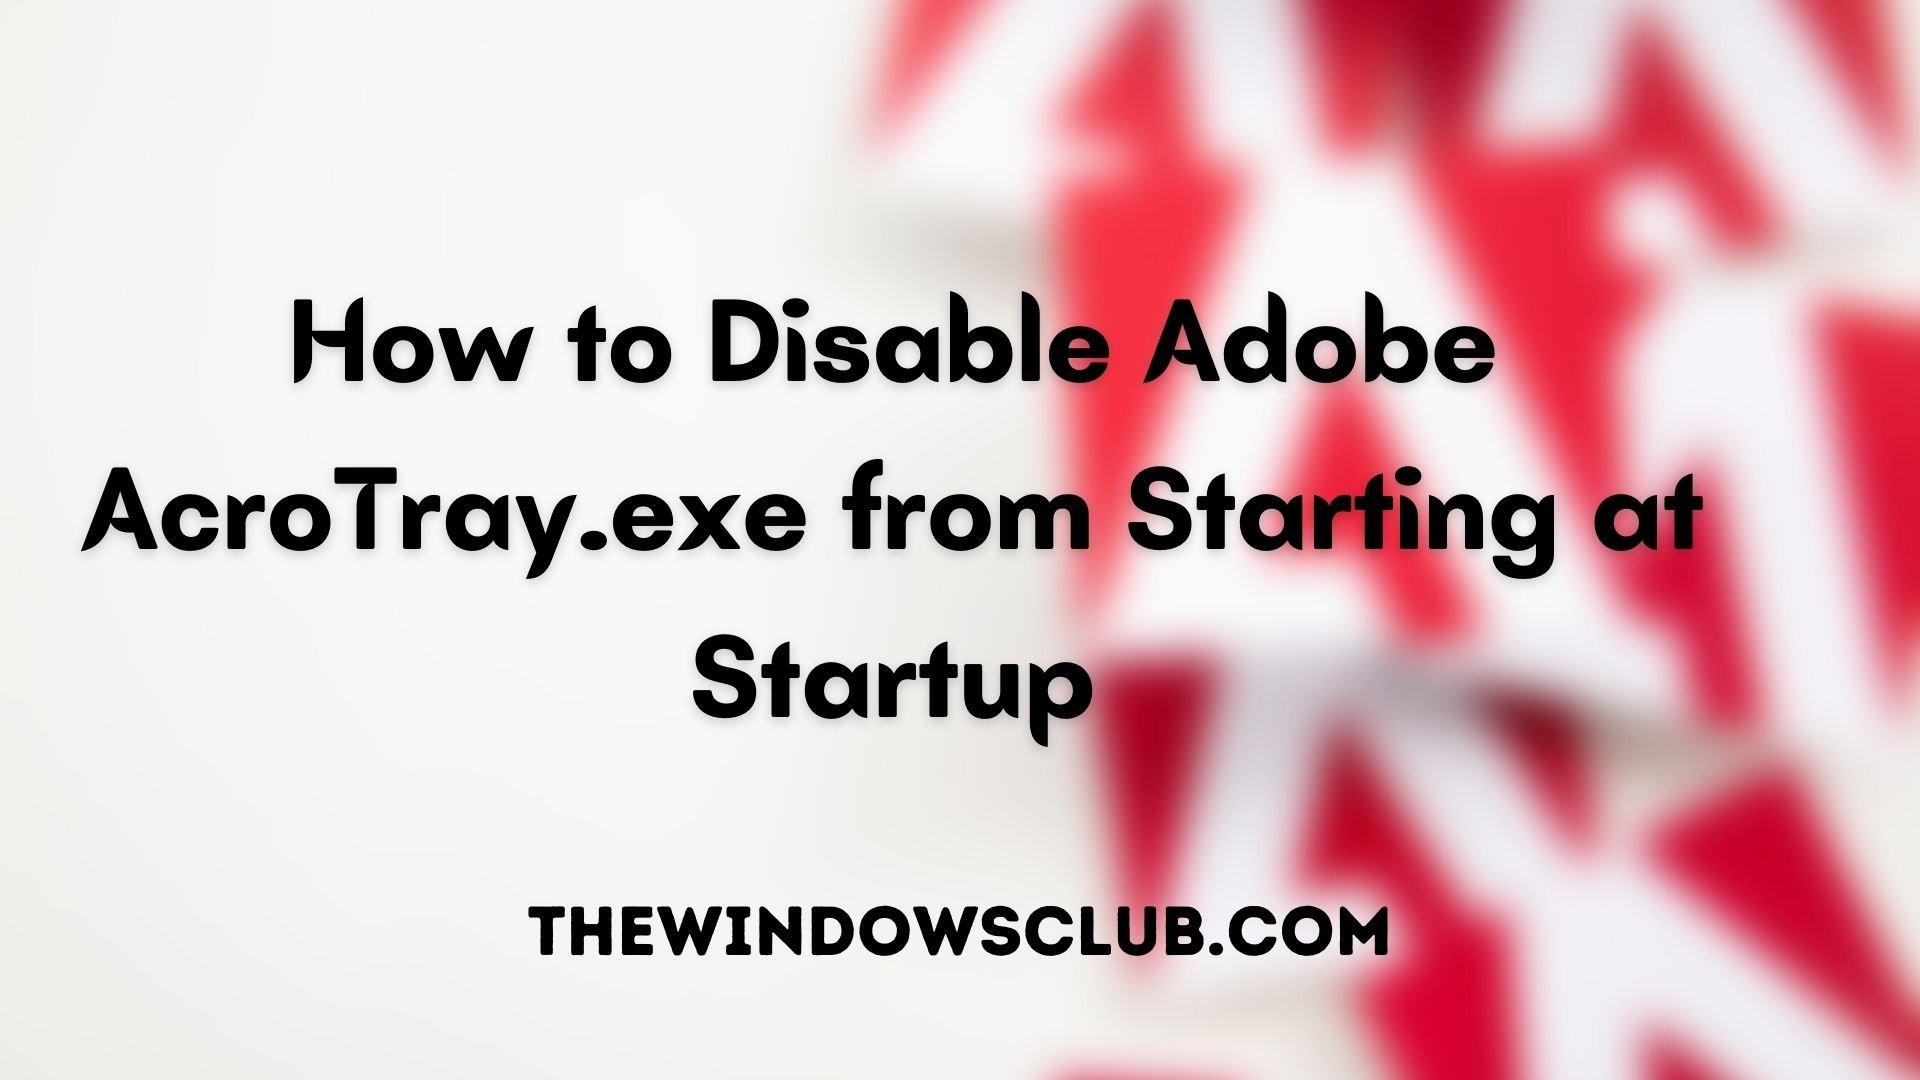 Cómo deshabilitar Adobe AcroTray.exe desde el inicio al inicio